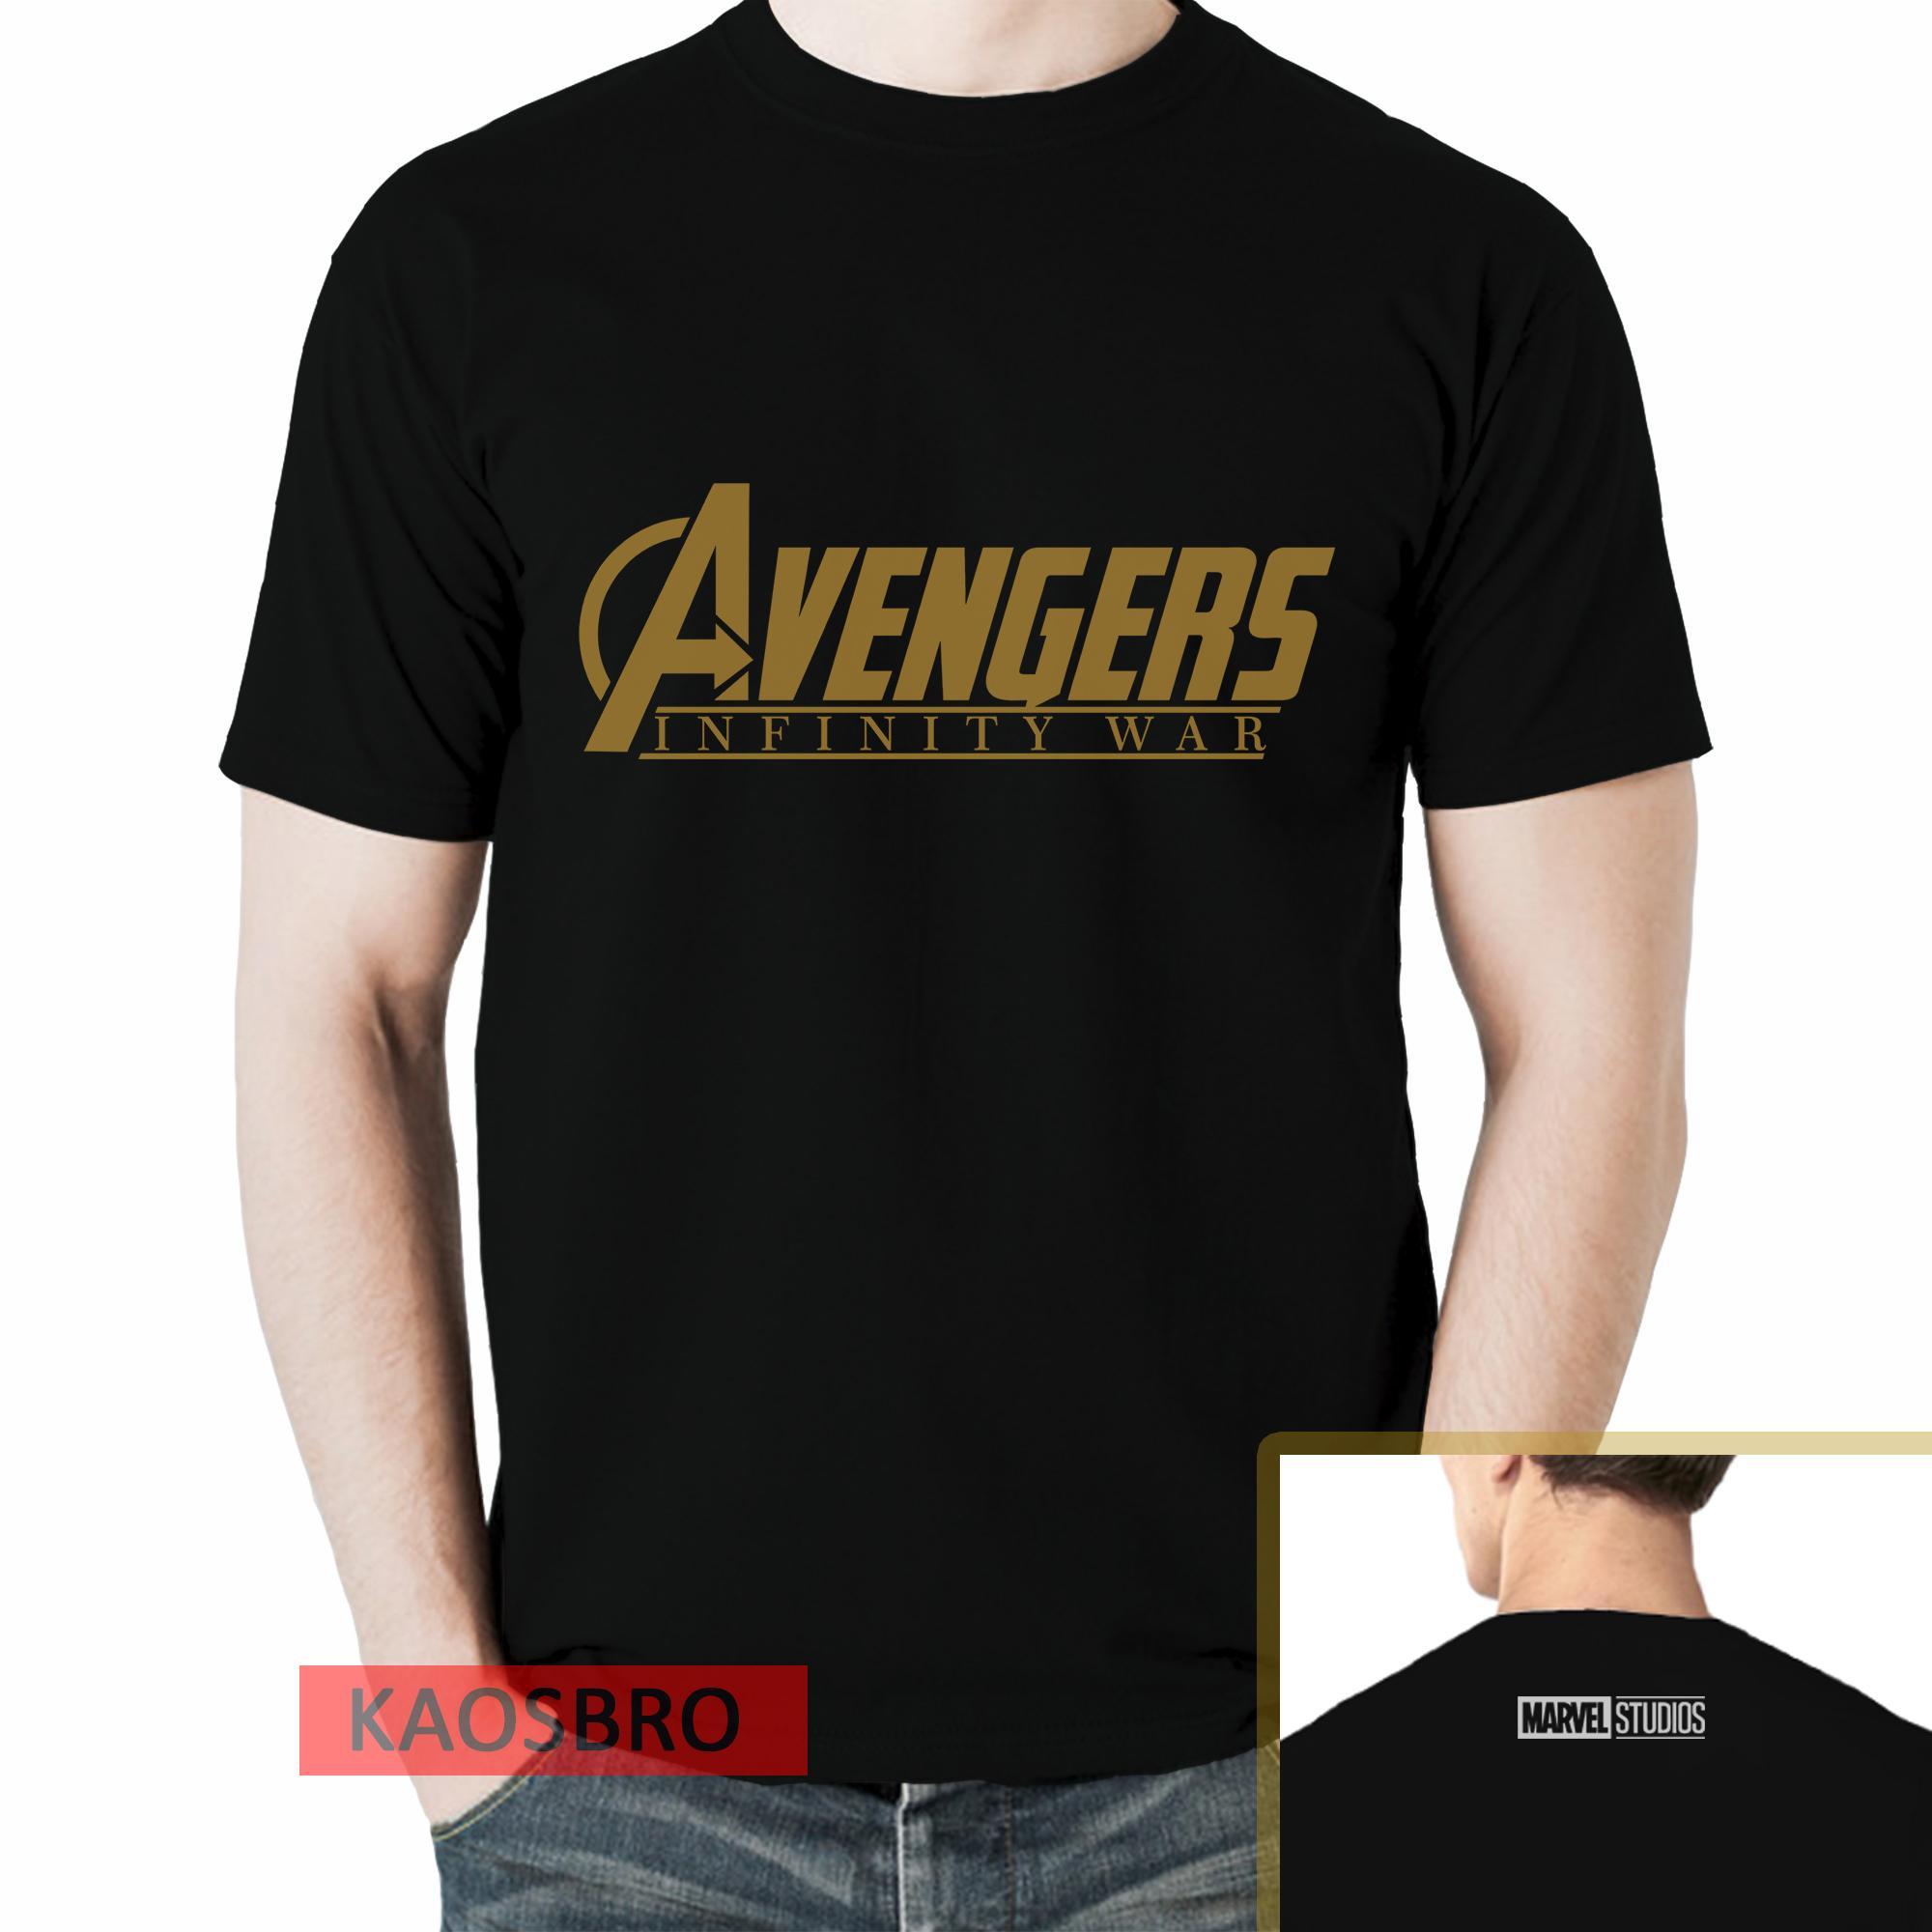 Atasan Kasual Kaos Kemeja Pria Salo Sepatu Denim Coklat Avengers Infinity War Wanita Dan Anak Hitam